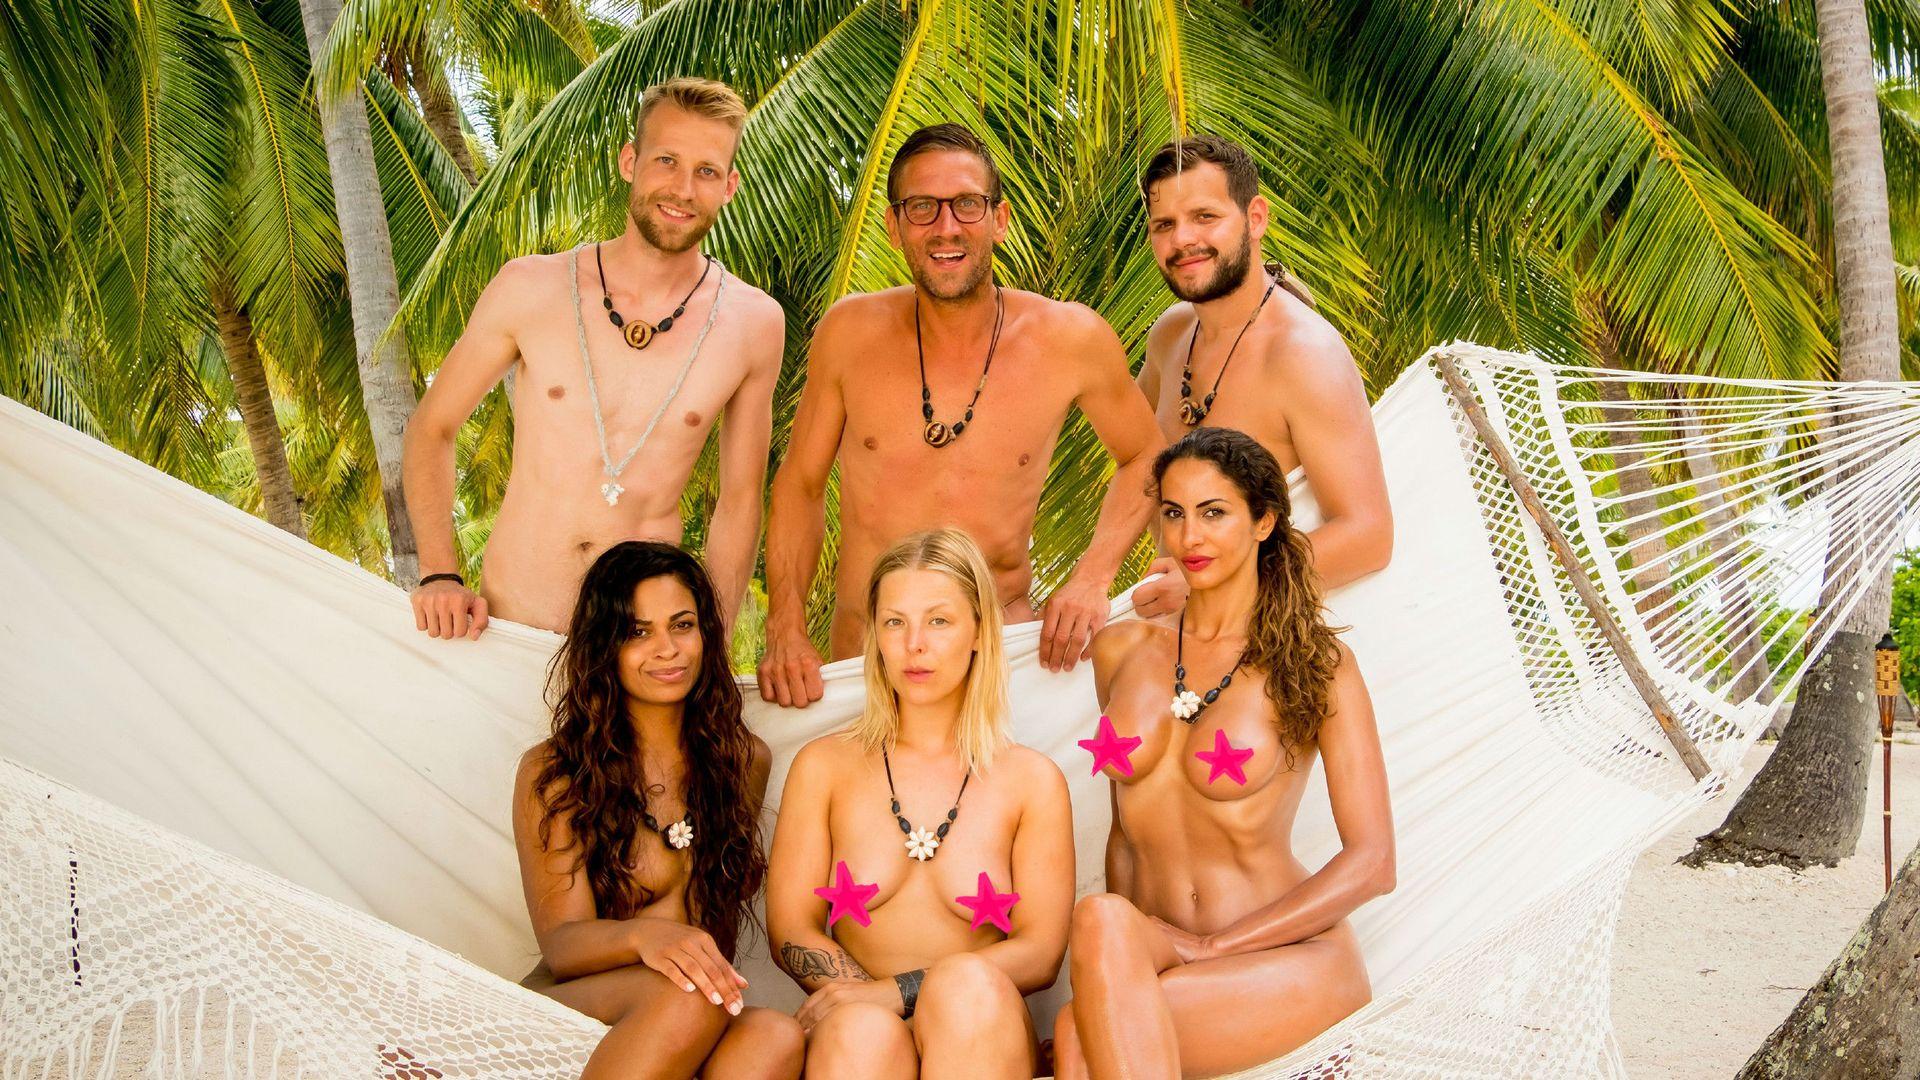 Stars nackt: Schauspielerinnen und ihre sexy Nacktszenen